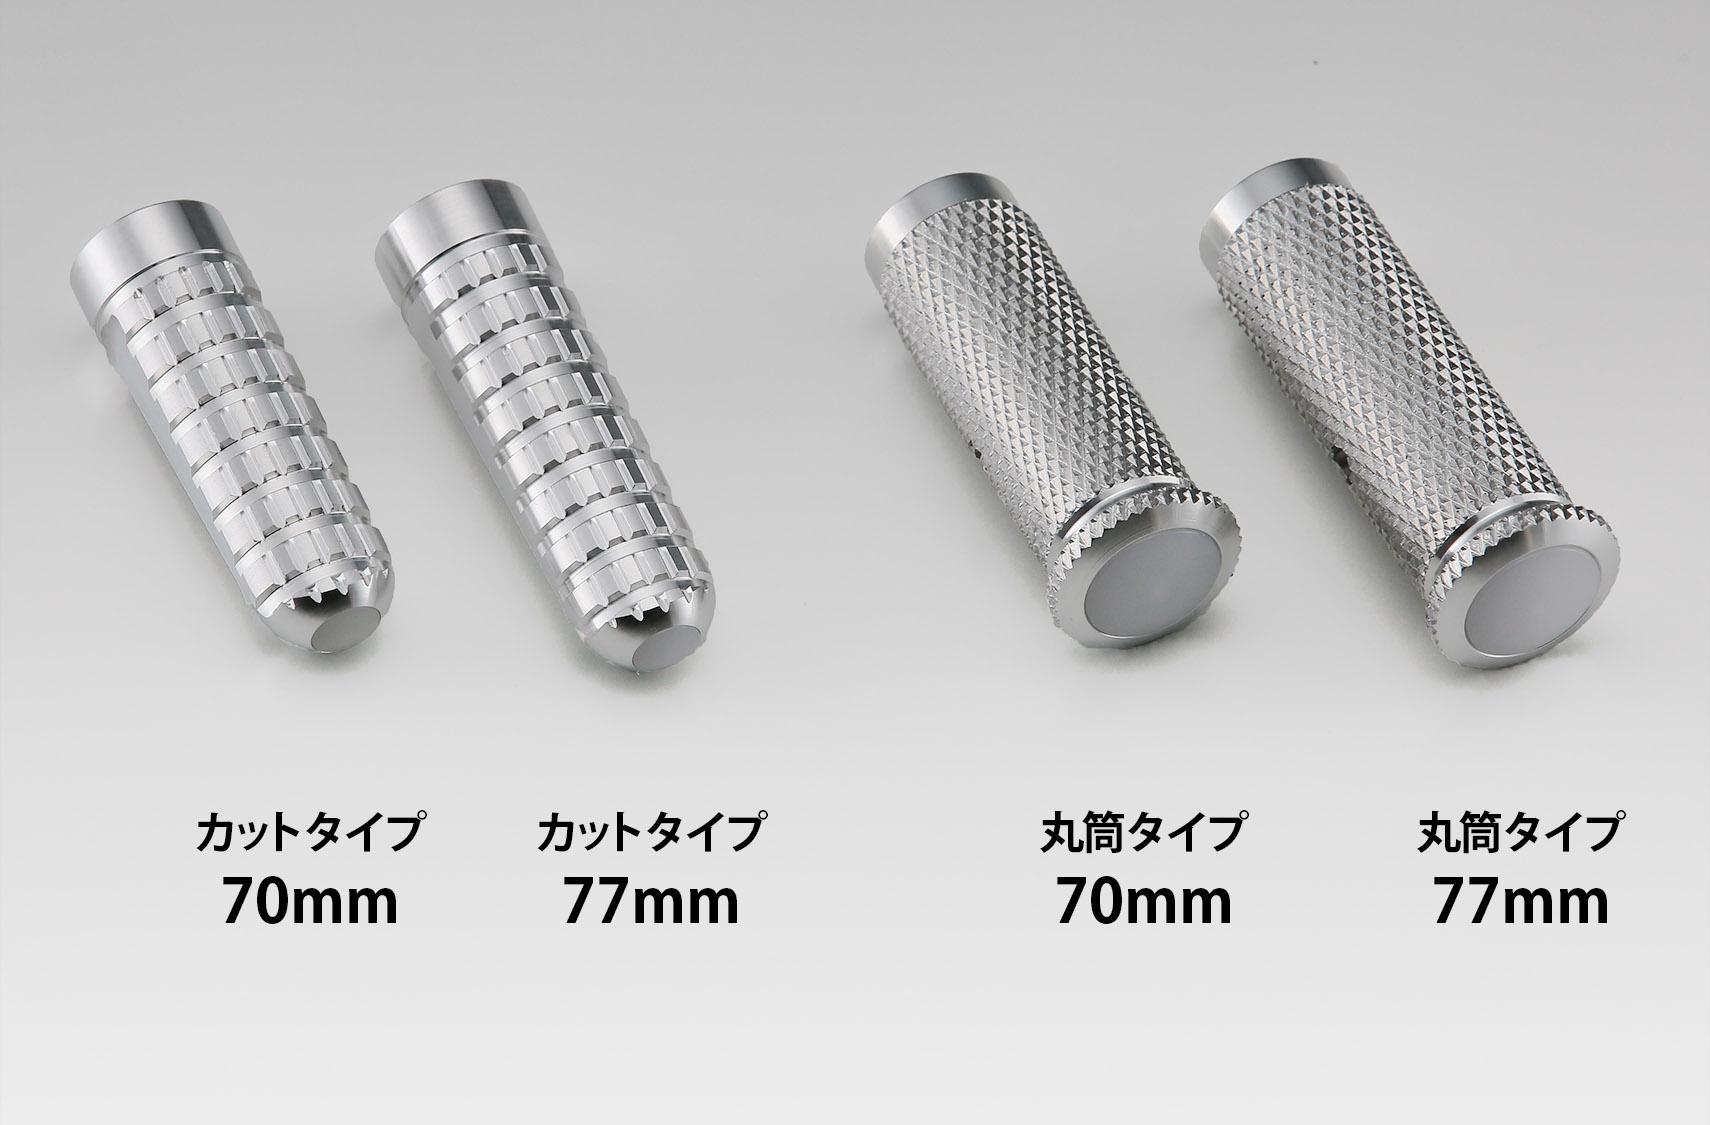 丸筒、カットタイプのそれぞれに70/70mmタイプがございます。